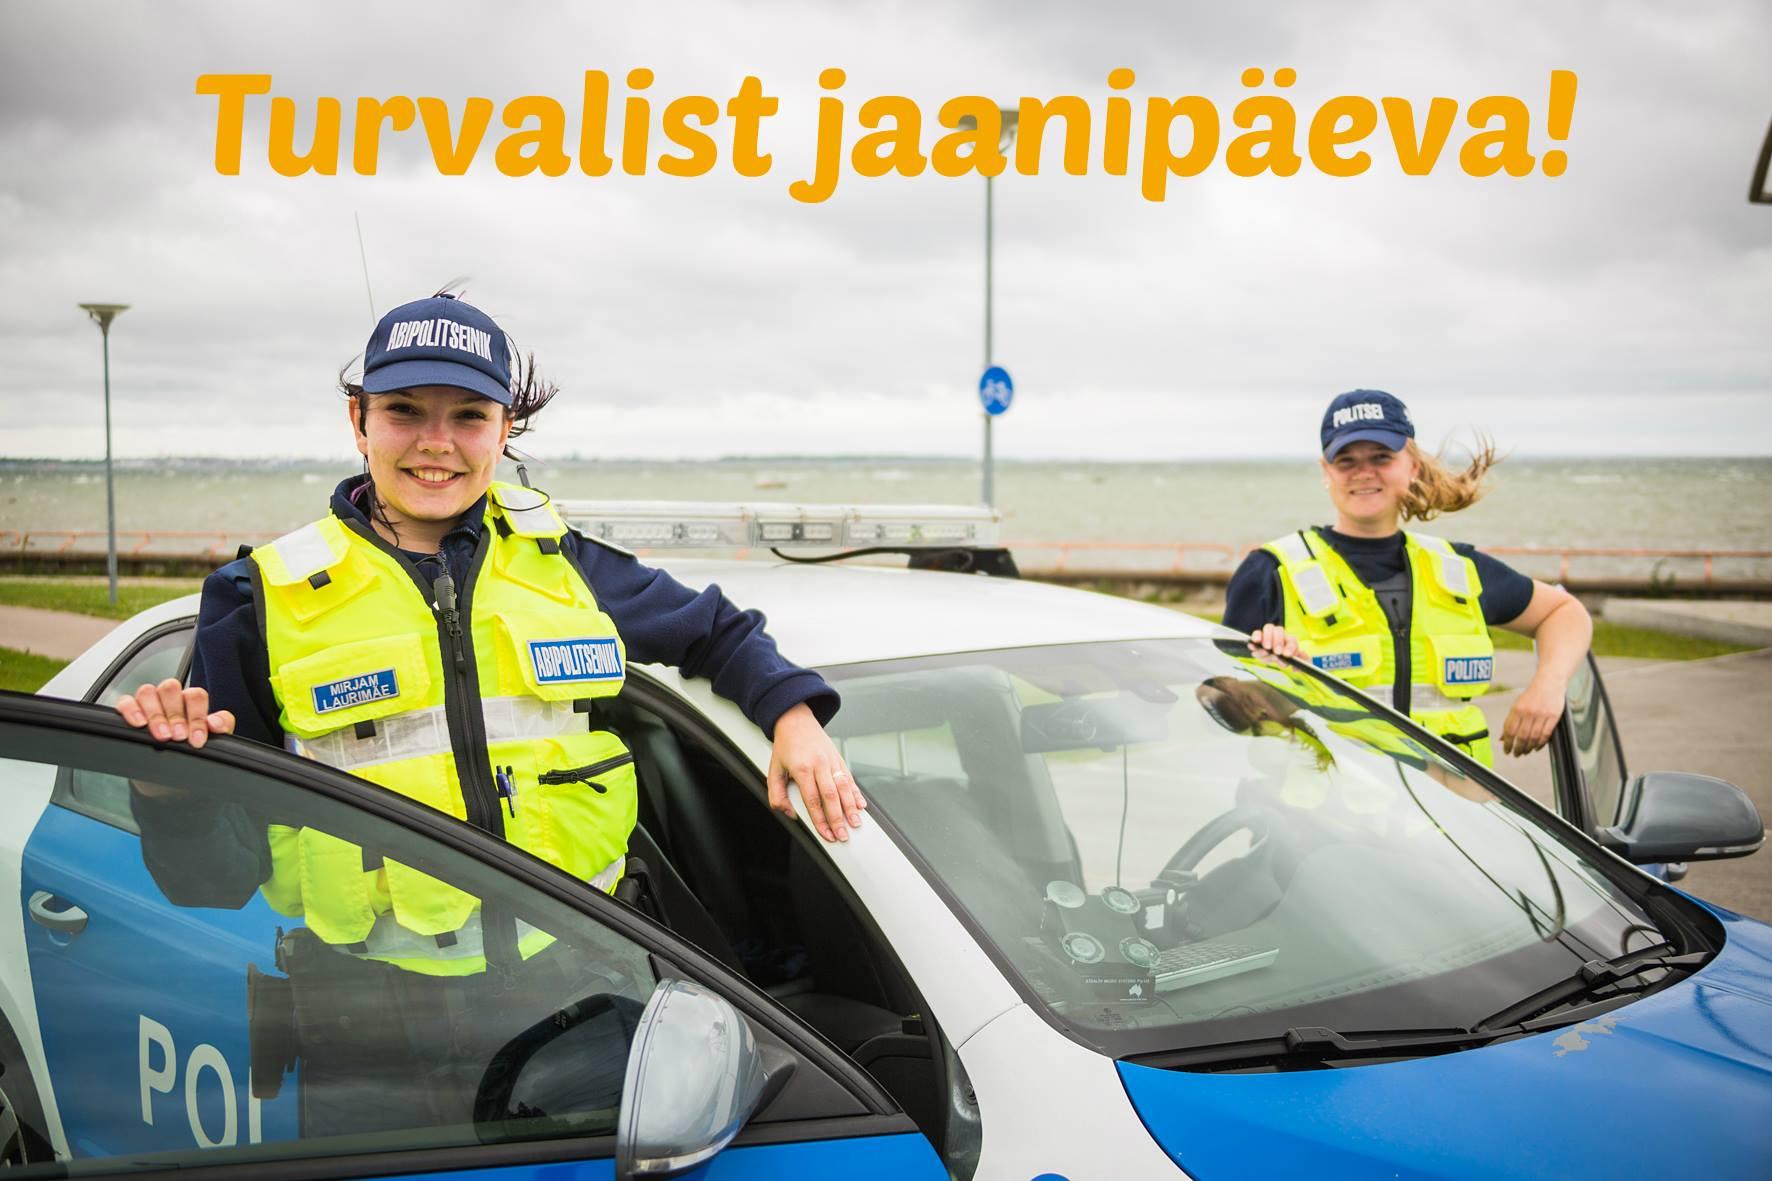 VIDEO! Millised on päästjate ja politsei soovitused pühadeks?